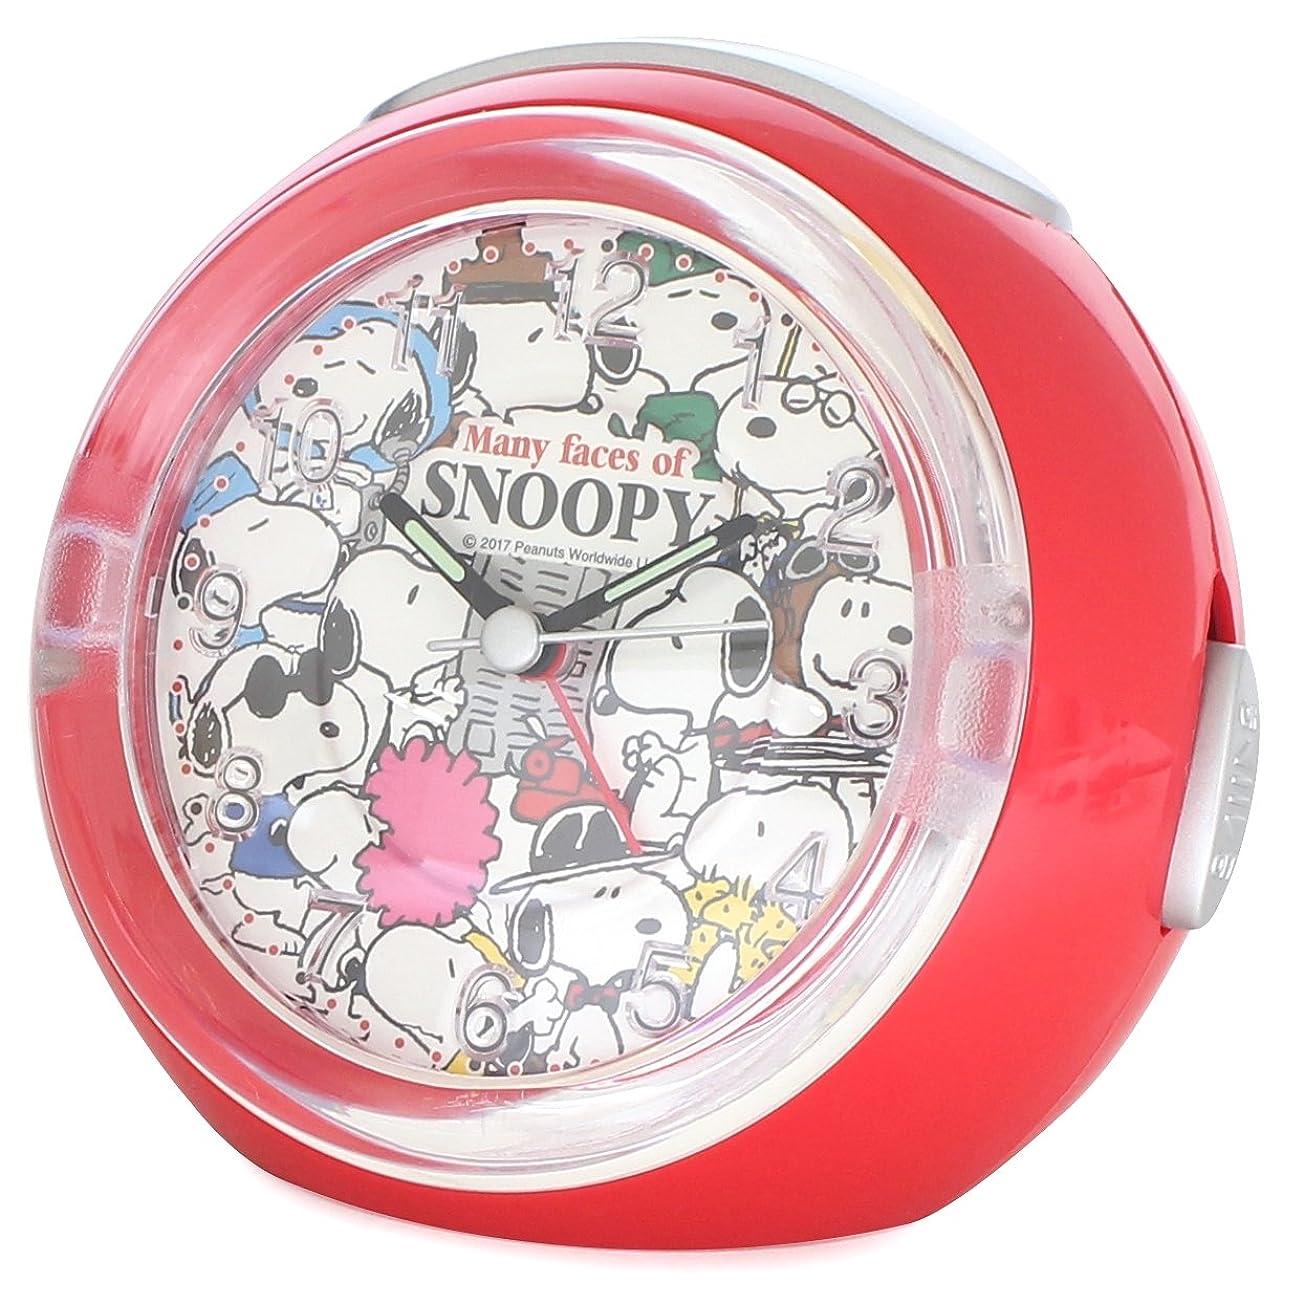 好奇心しかし何もないアリアス(ALIAS) 置き時計?掛け時計 レッド 11.0×12.8×8.8cm